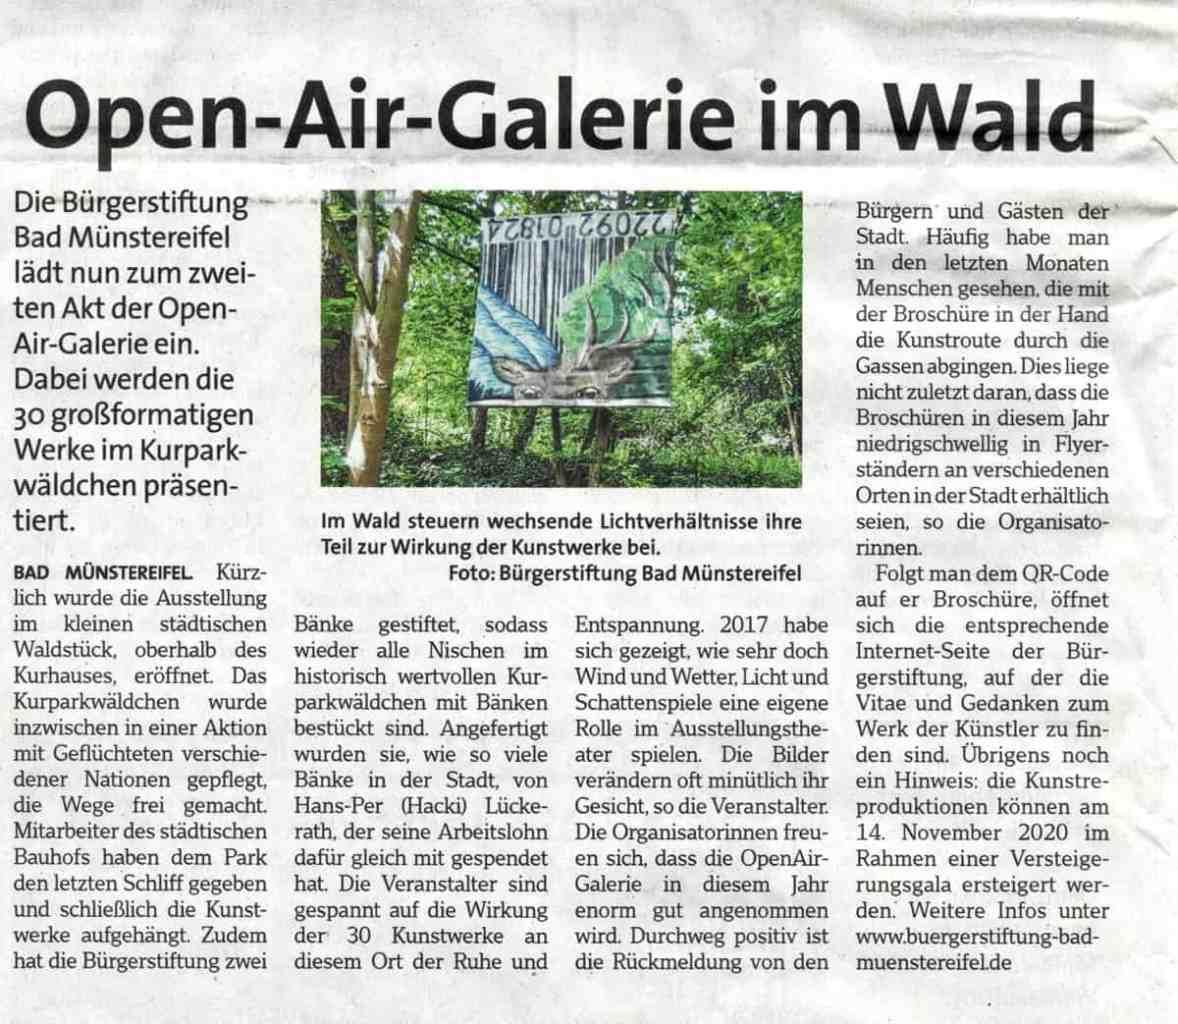 Wochenspiegel zur OpenAirGalerie 2020